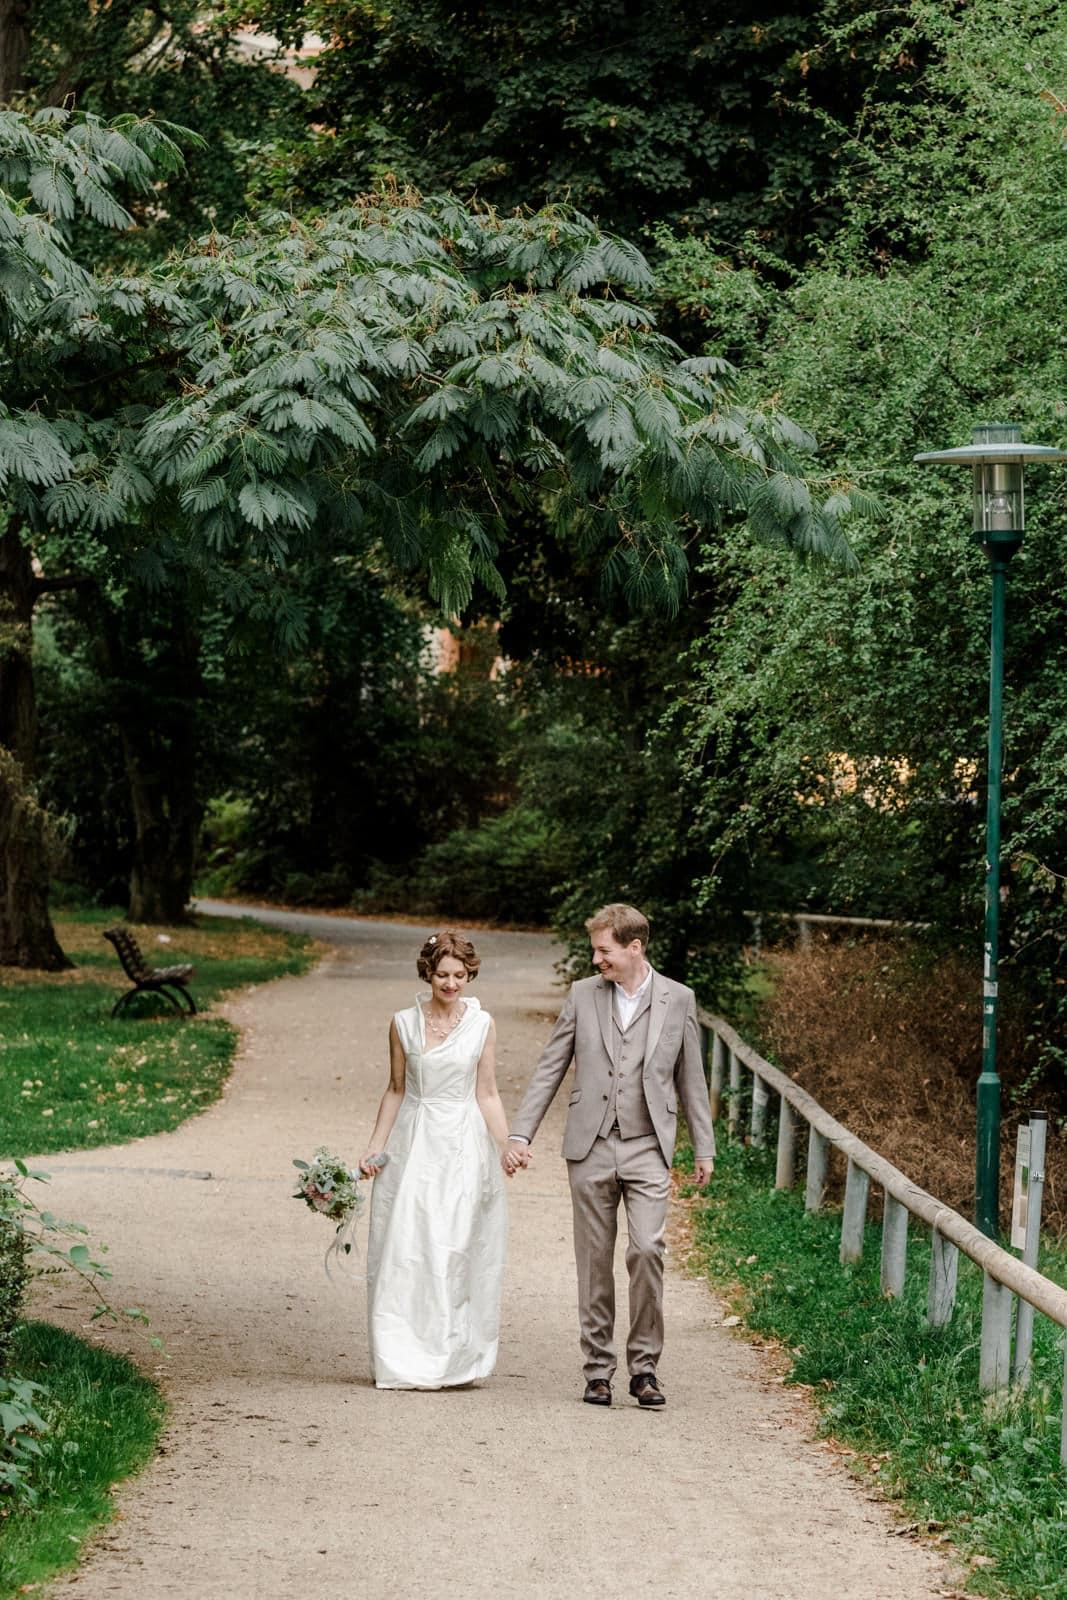 Brautpaar läuft Hand in Hand im Park des Prinz-Emil-Schlösschen in Darmstadt